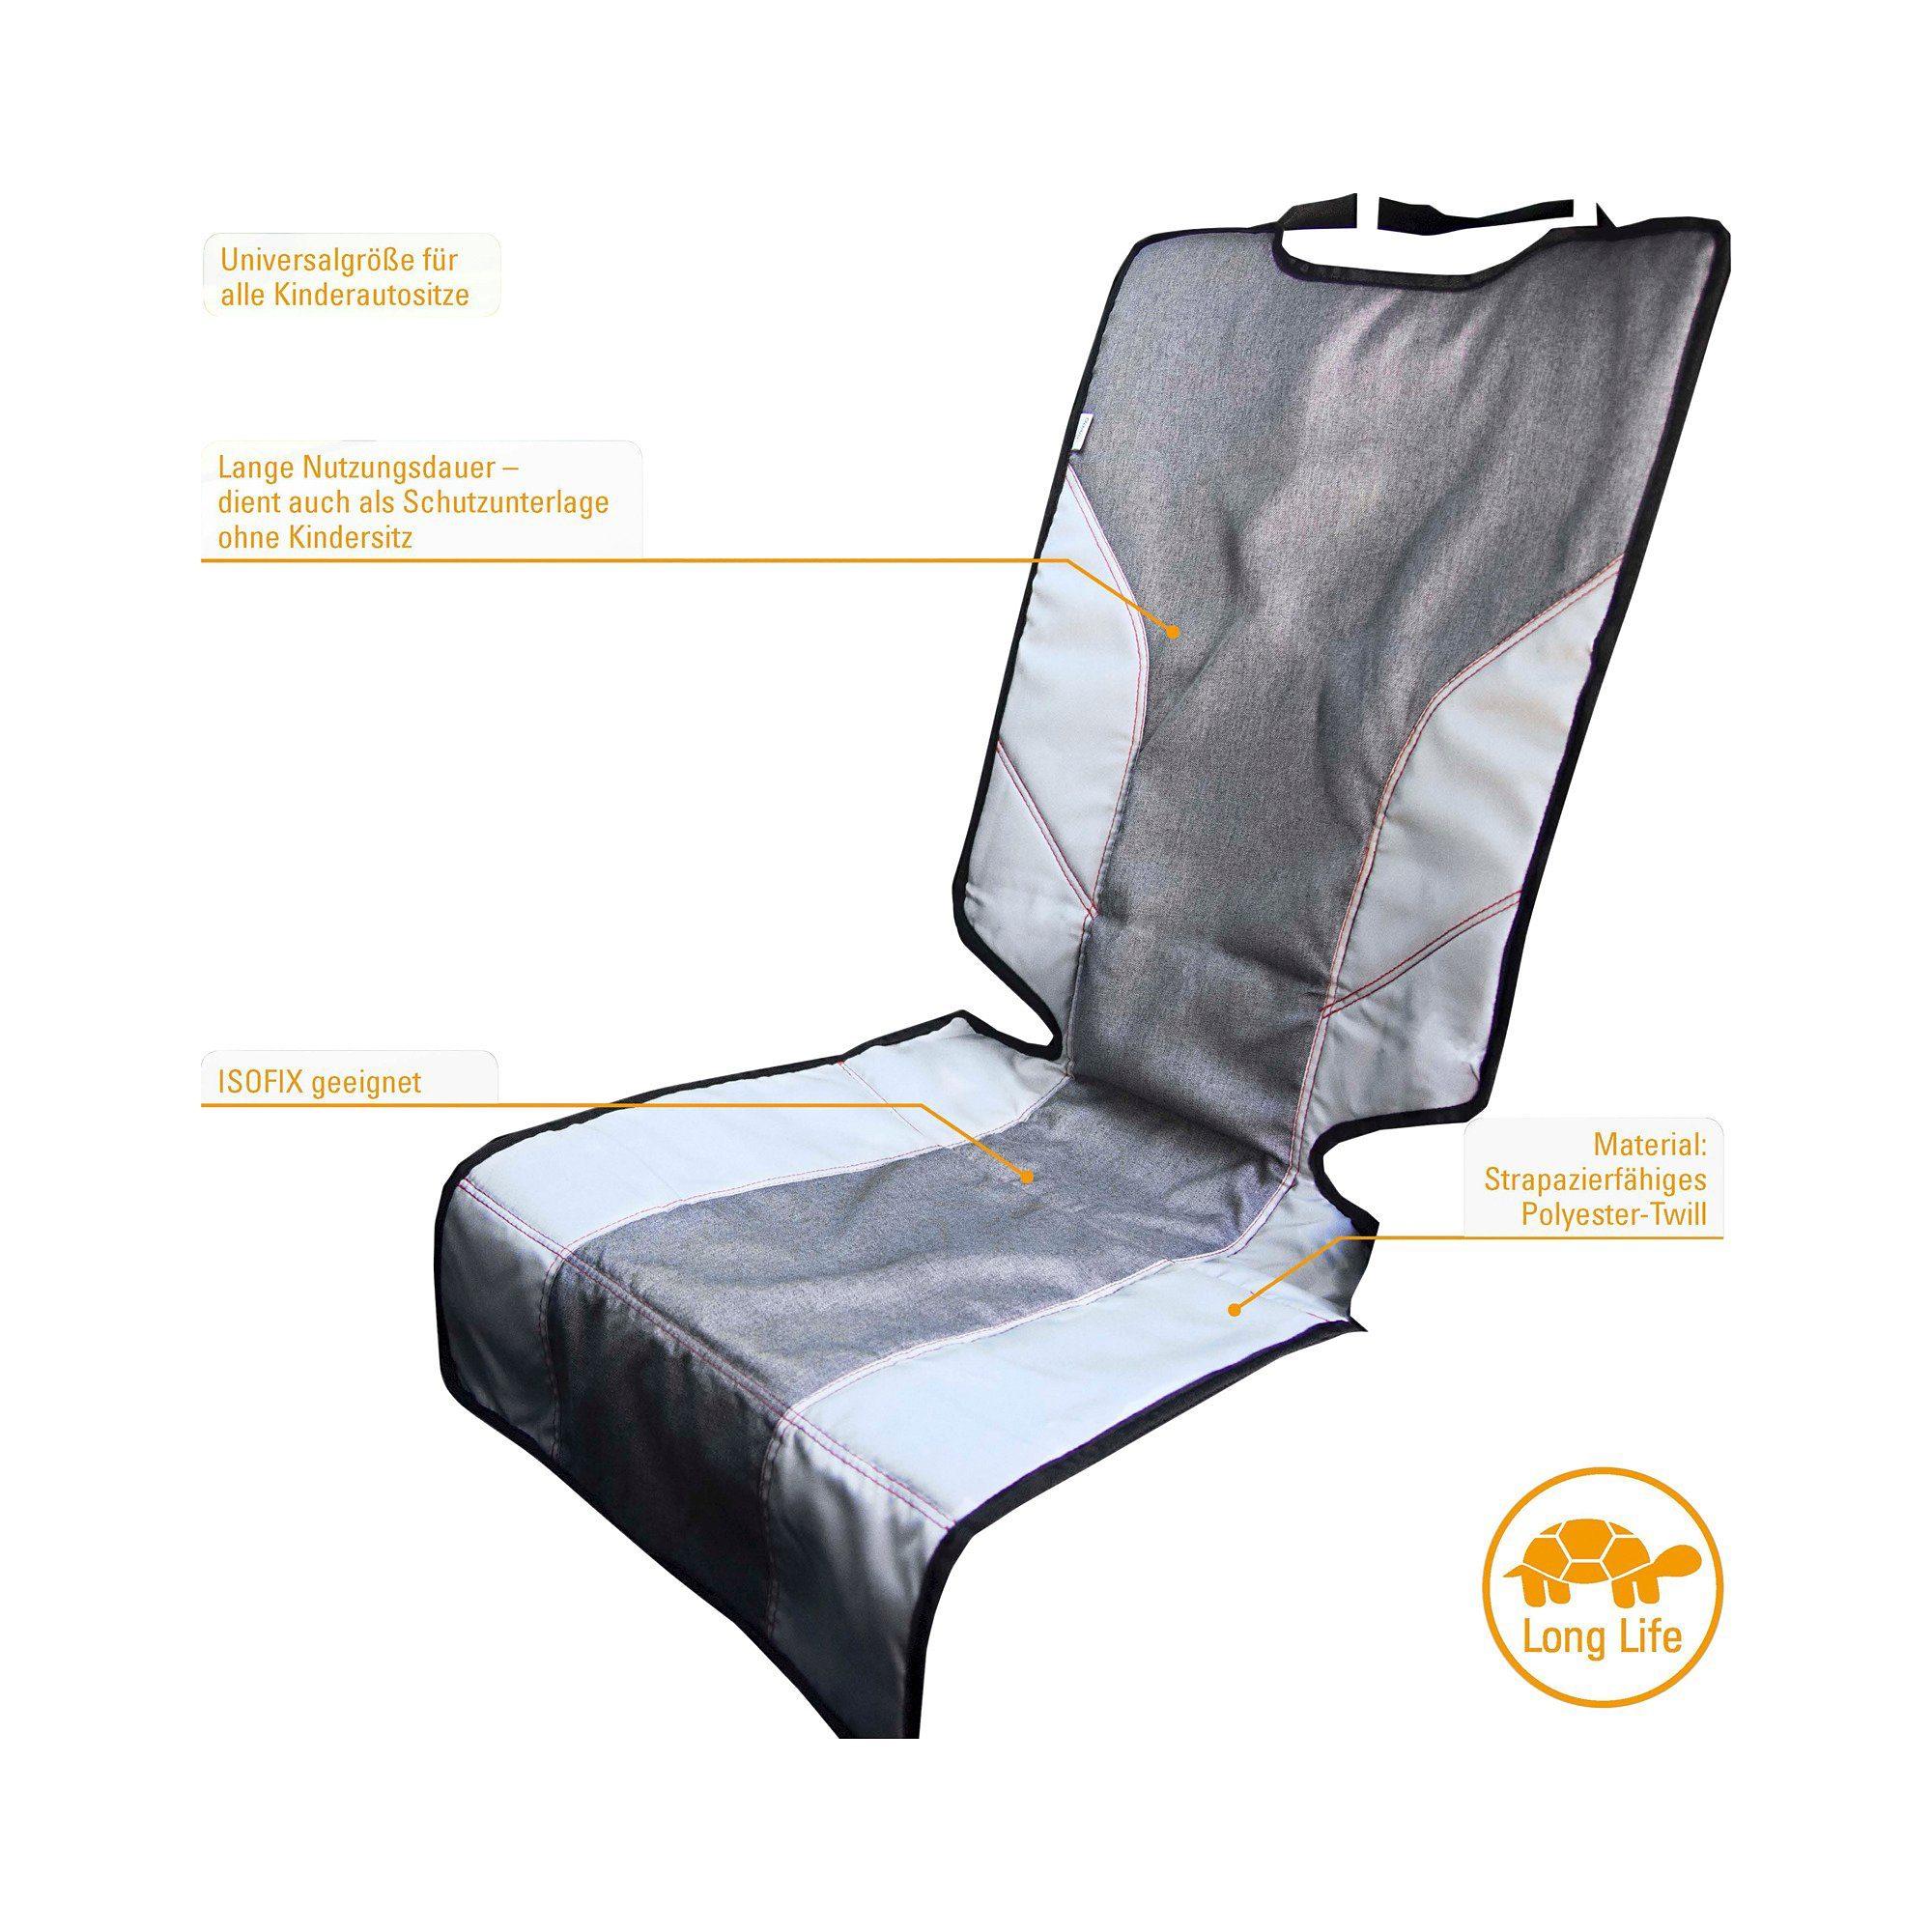 DIAGO Schutzunterlage Deluxe für Kindersitze